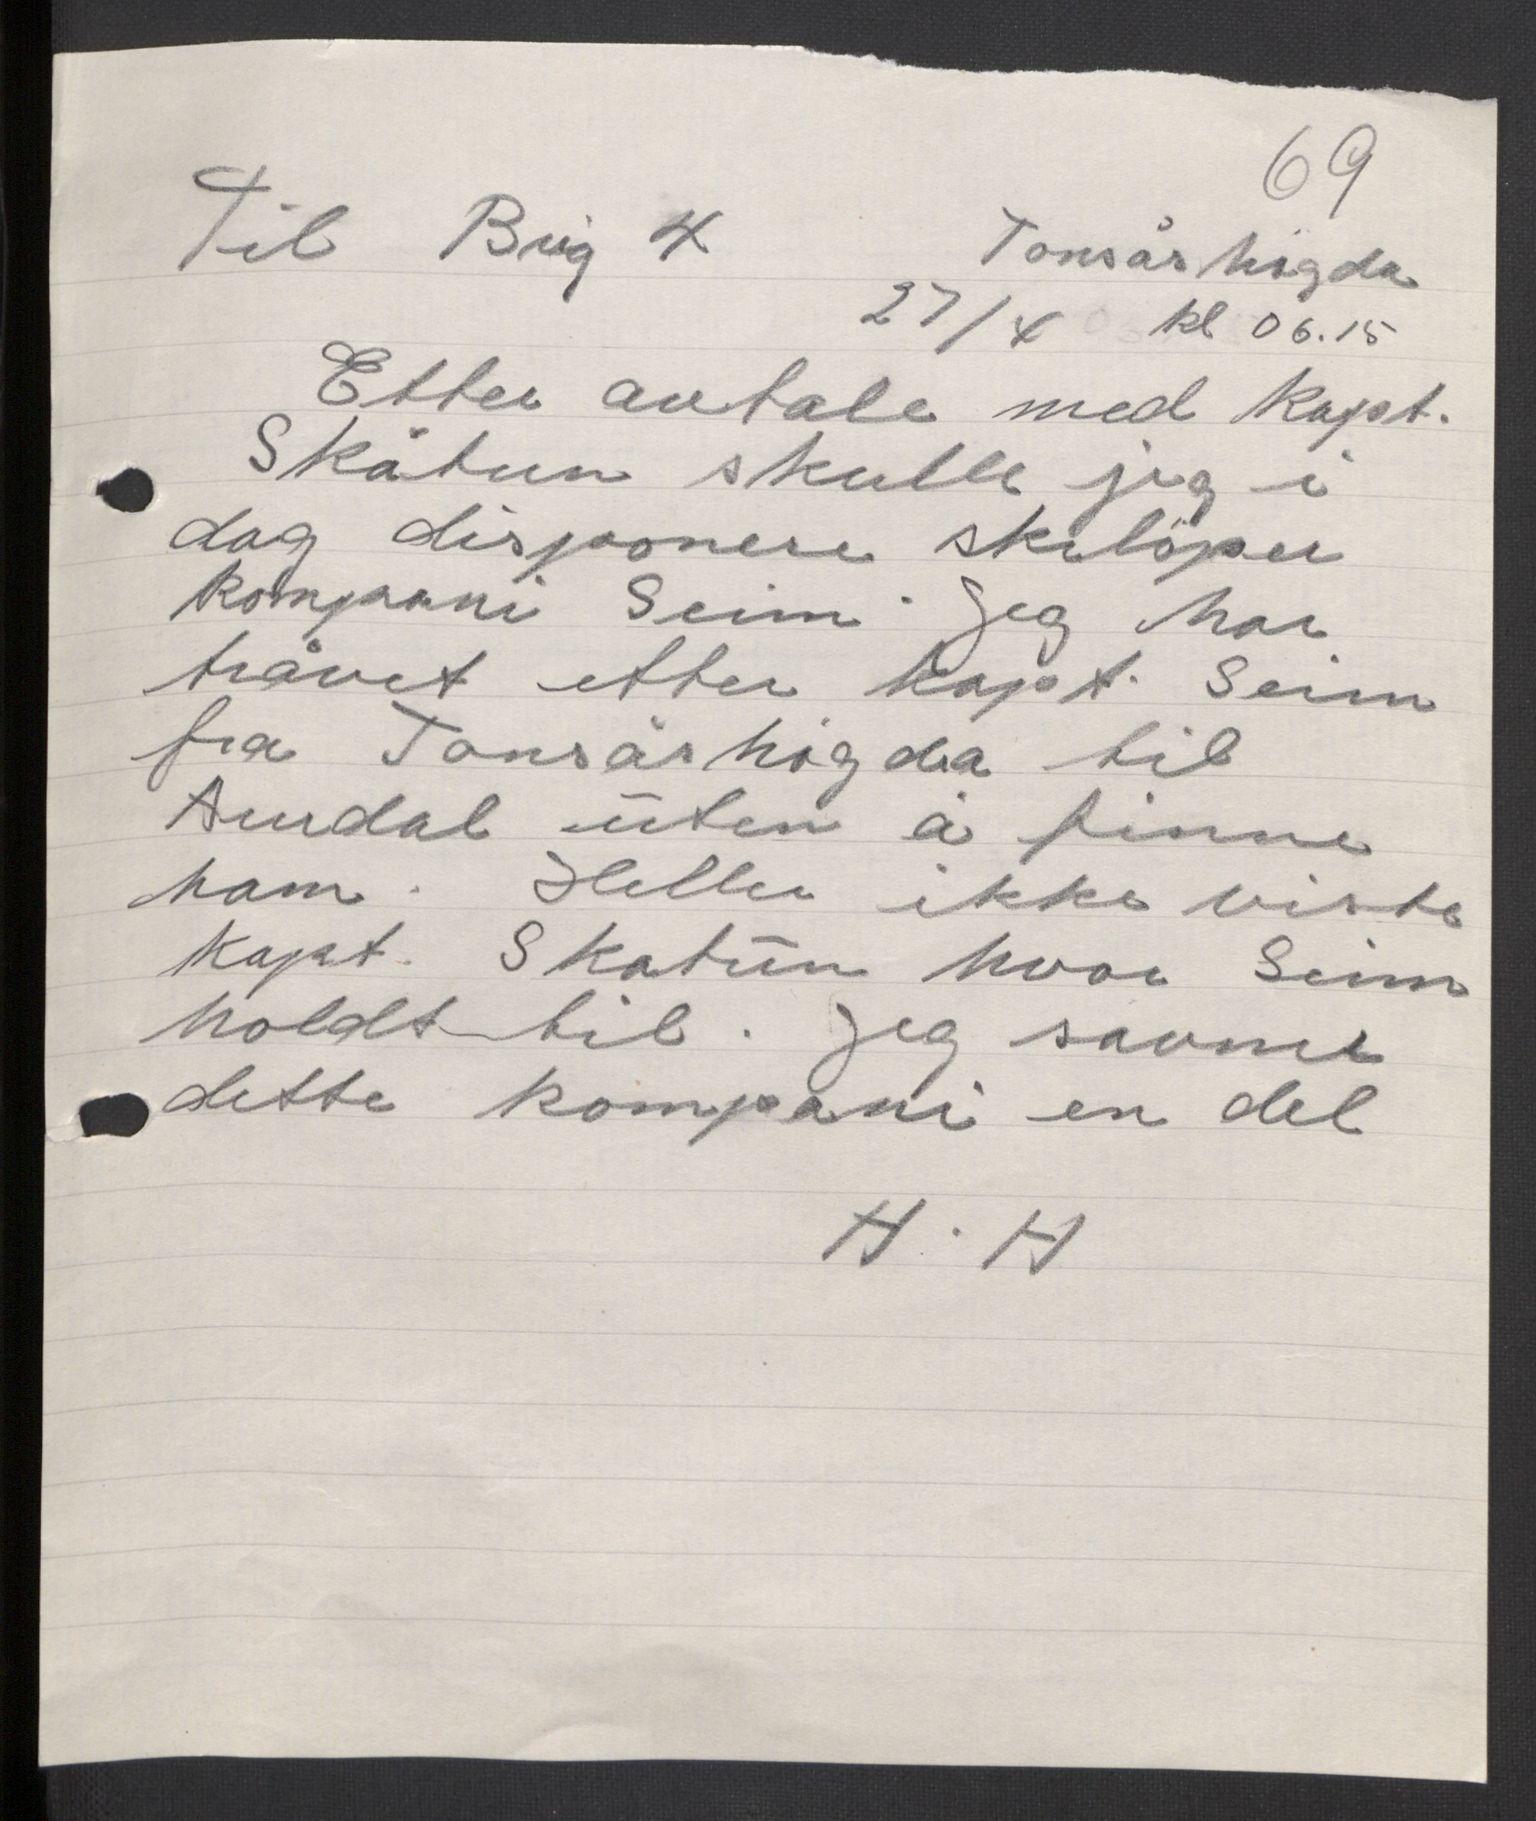 RA, Forsvaret, Forsvarets krigshistoriske avdeling, Y/Yb/L0104: II-C-11-430  -  4. Divisjon., 1940, p. 187